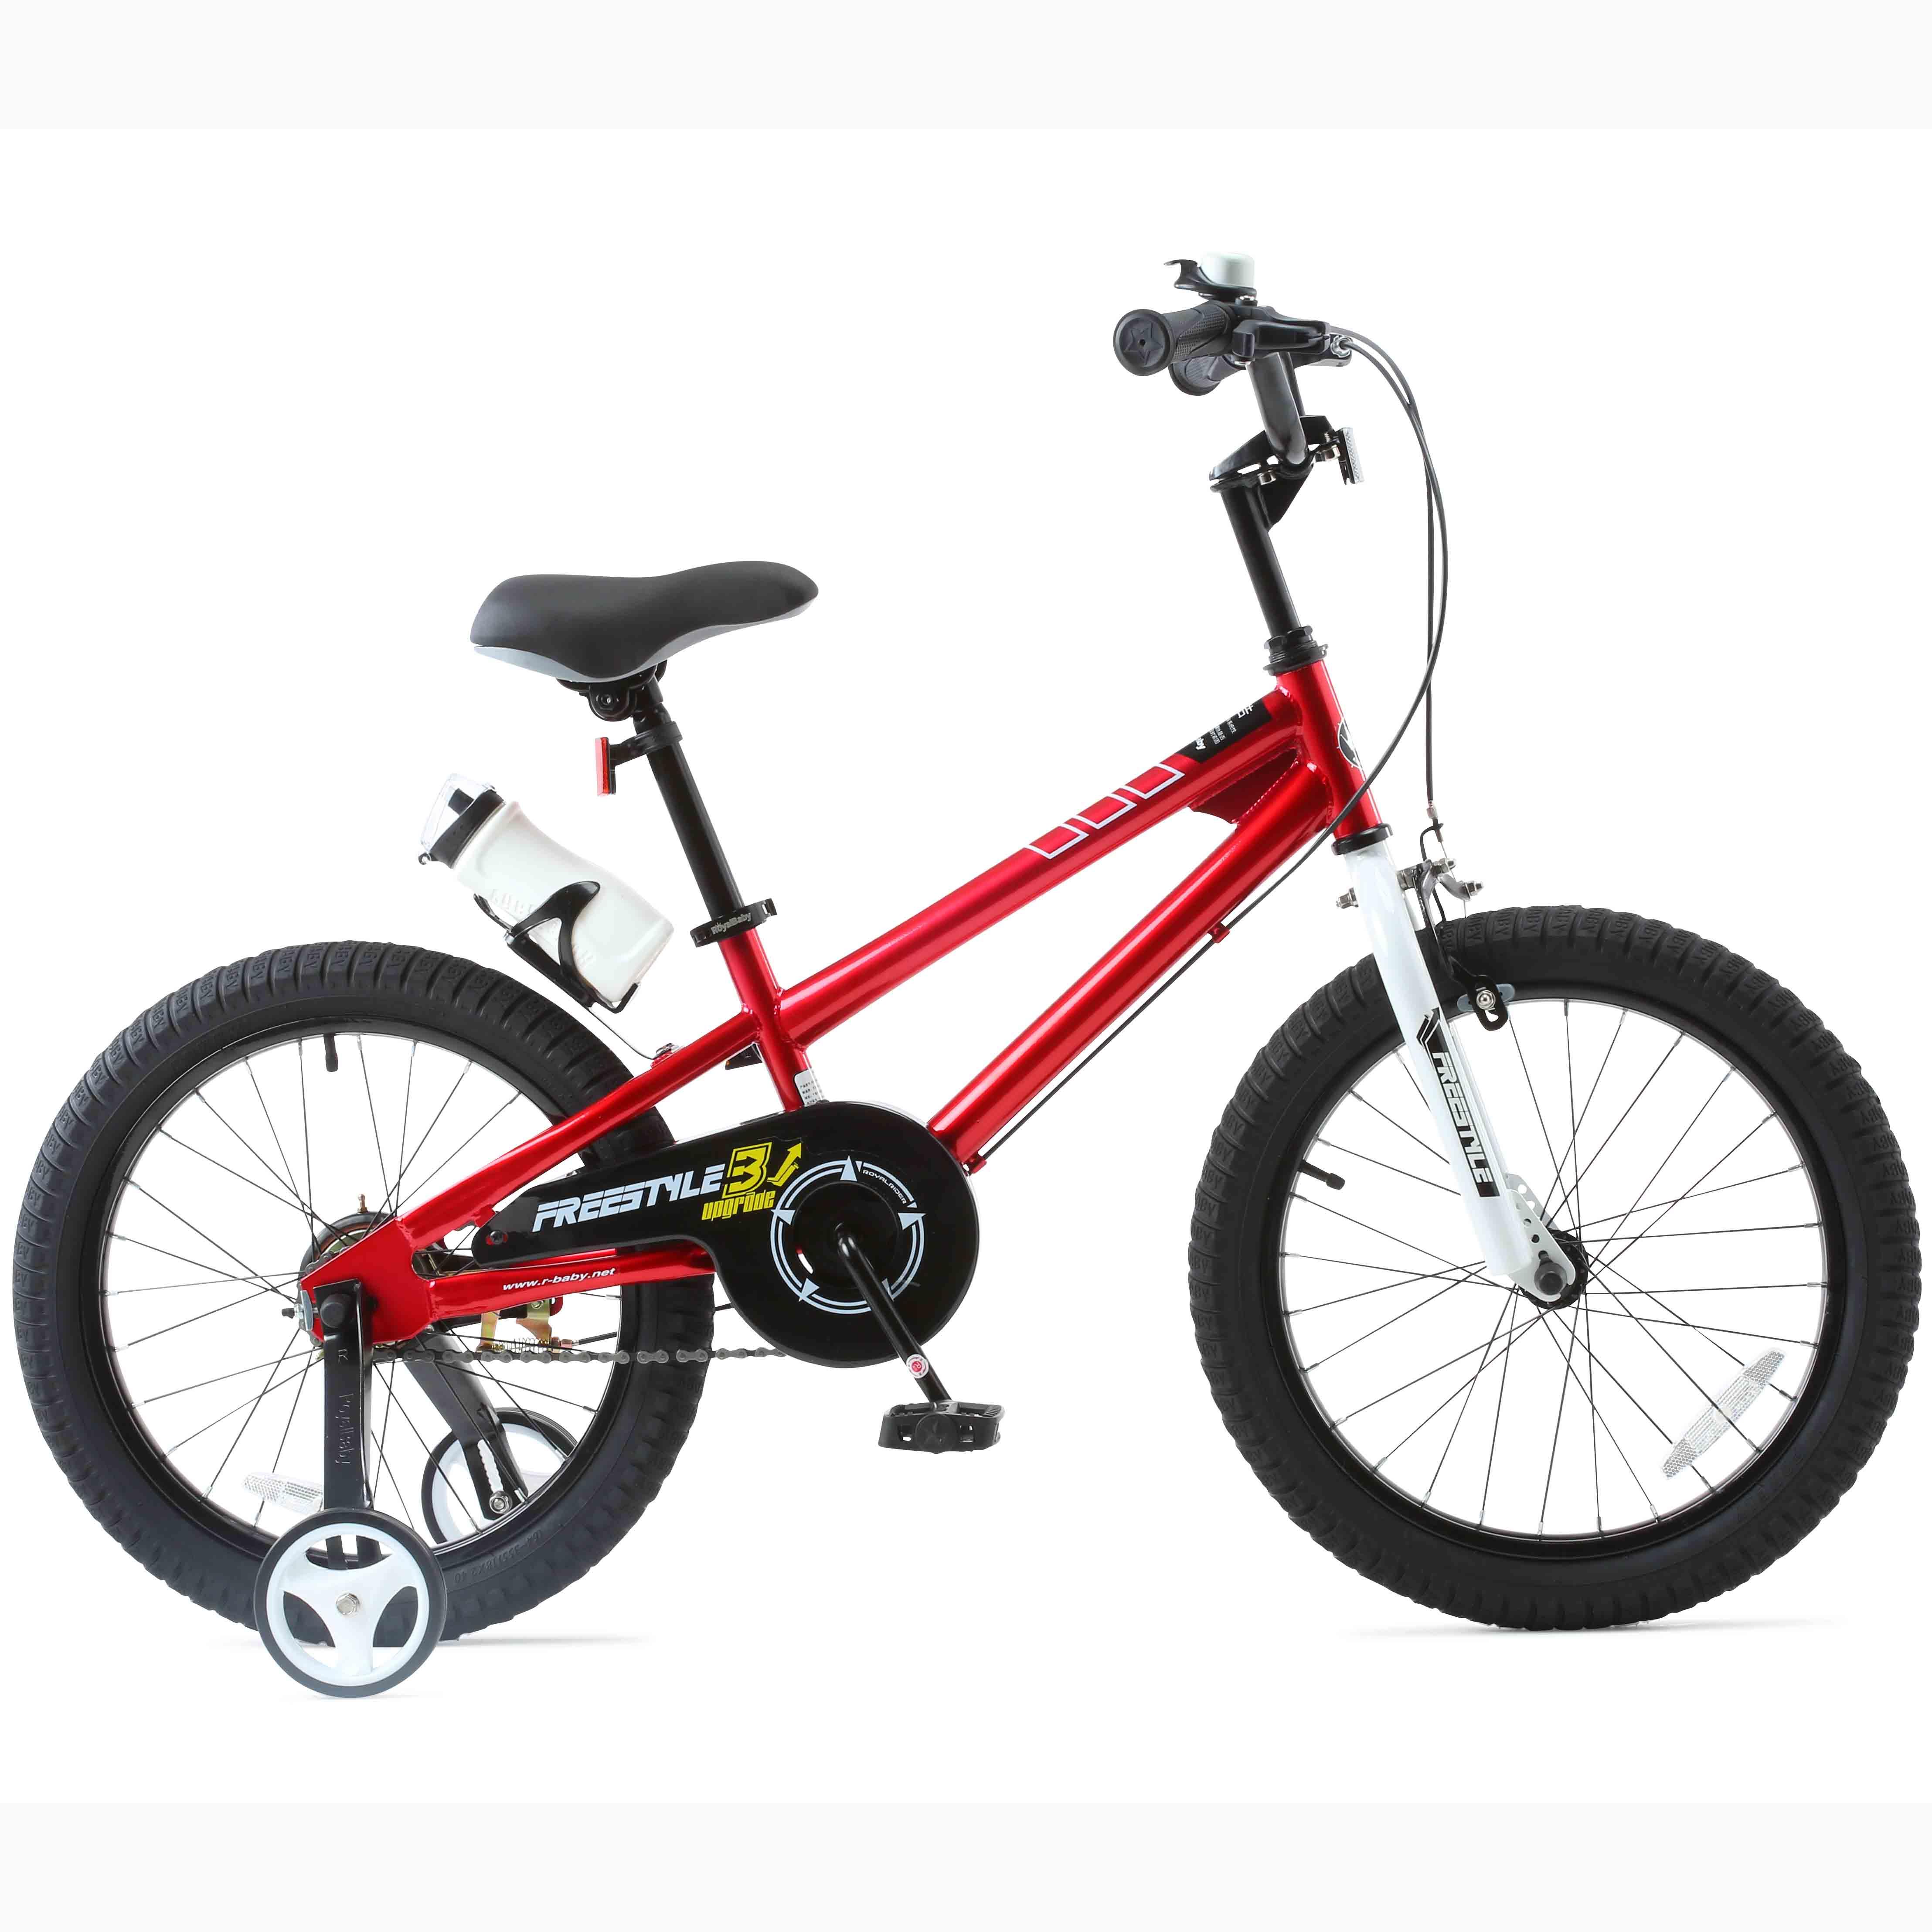 Фото Велосипед RoyalBaby FREESTYLE 18″, красный